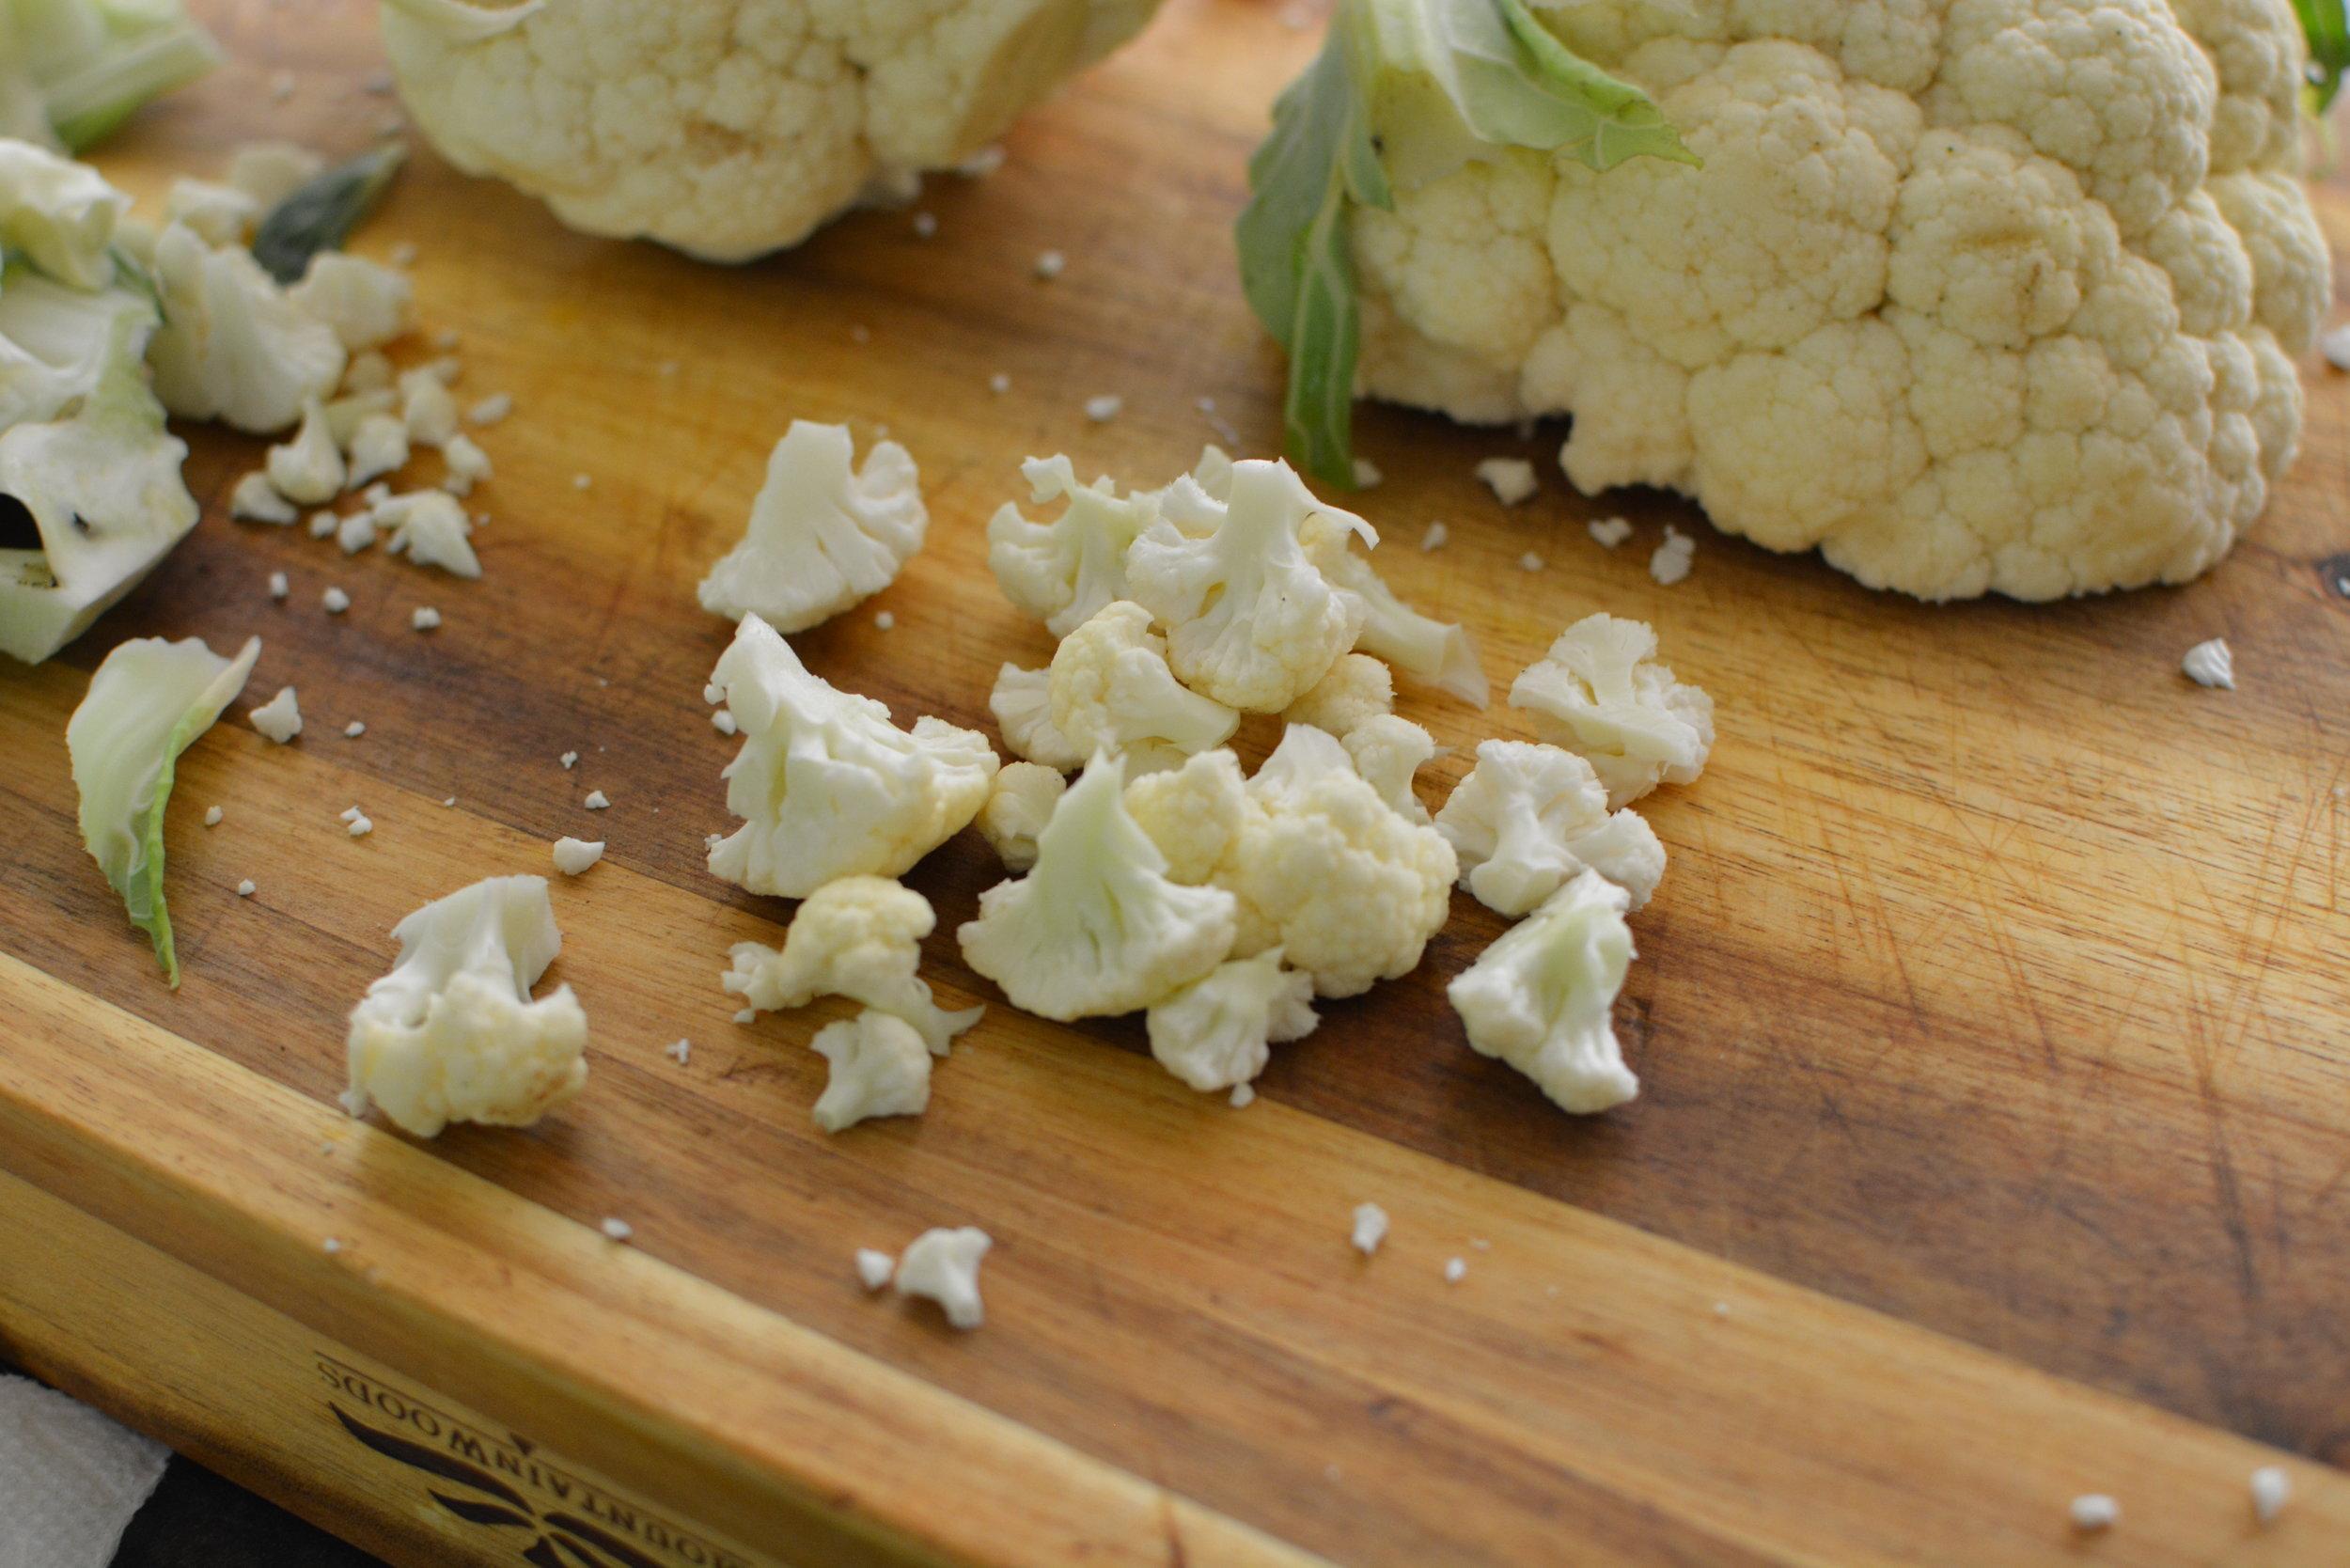 chopped cauliflower for cauliflower rice